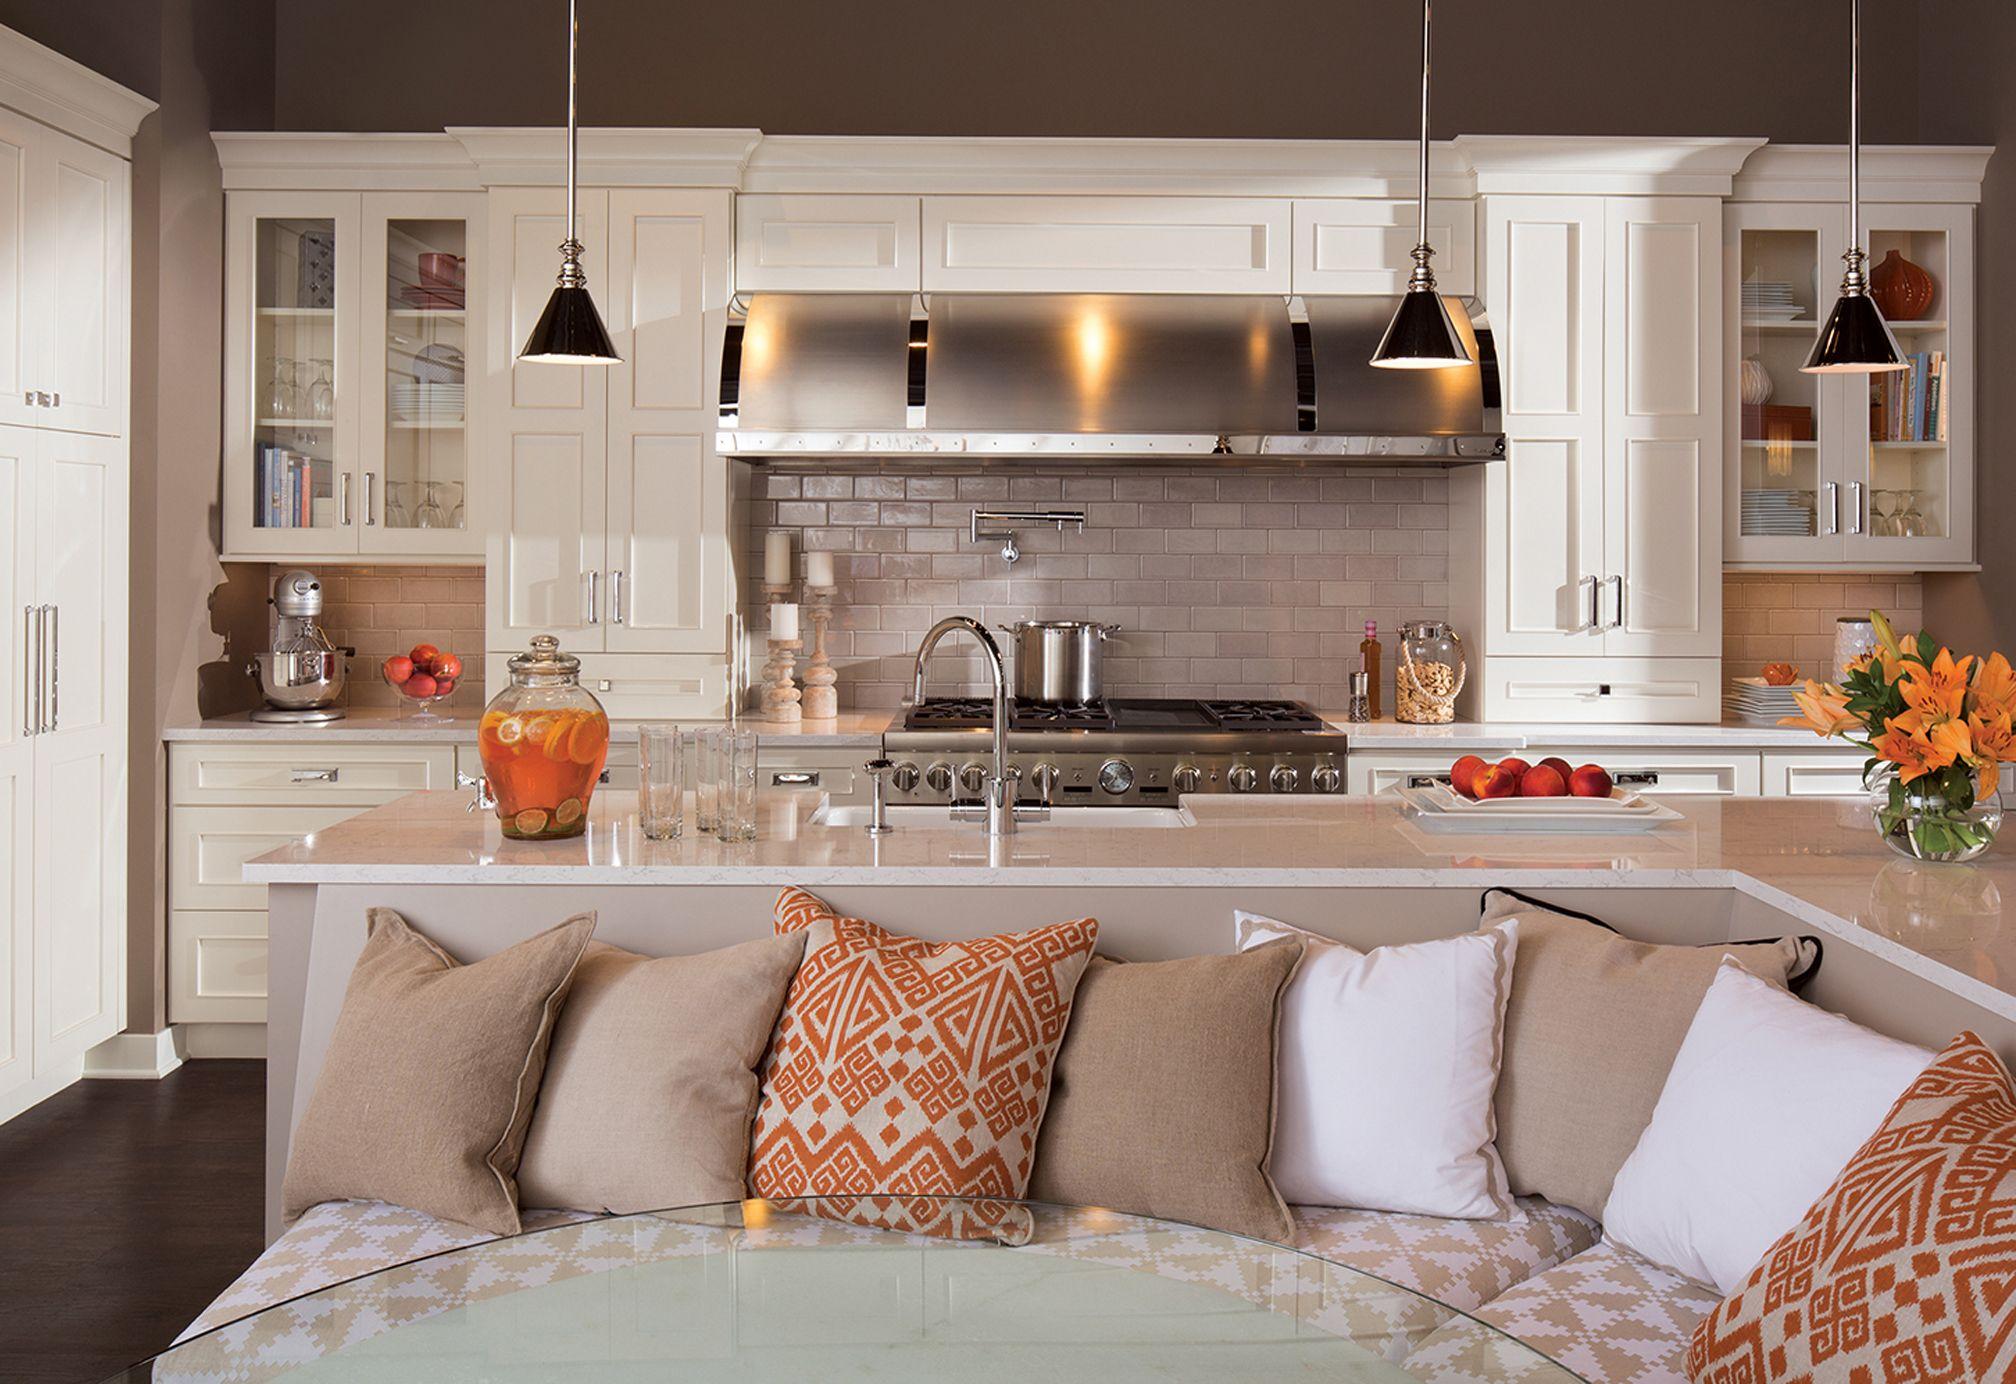 Beleuchtung ideen über kücheninsel  umrühren küche insel sitze foto konzept  wenn sie die